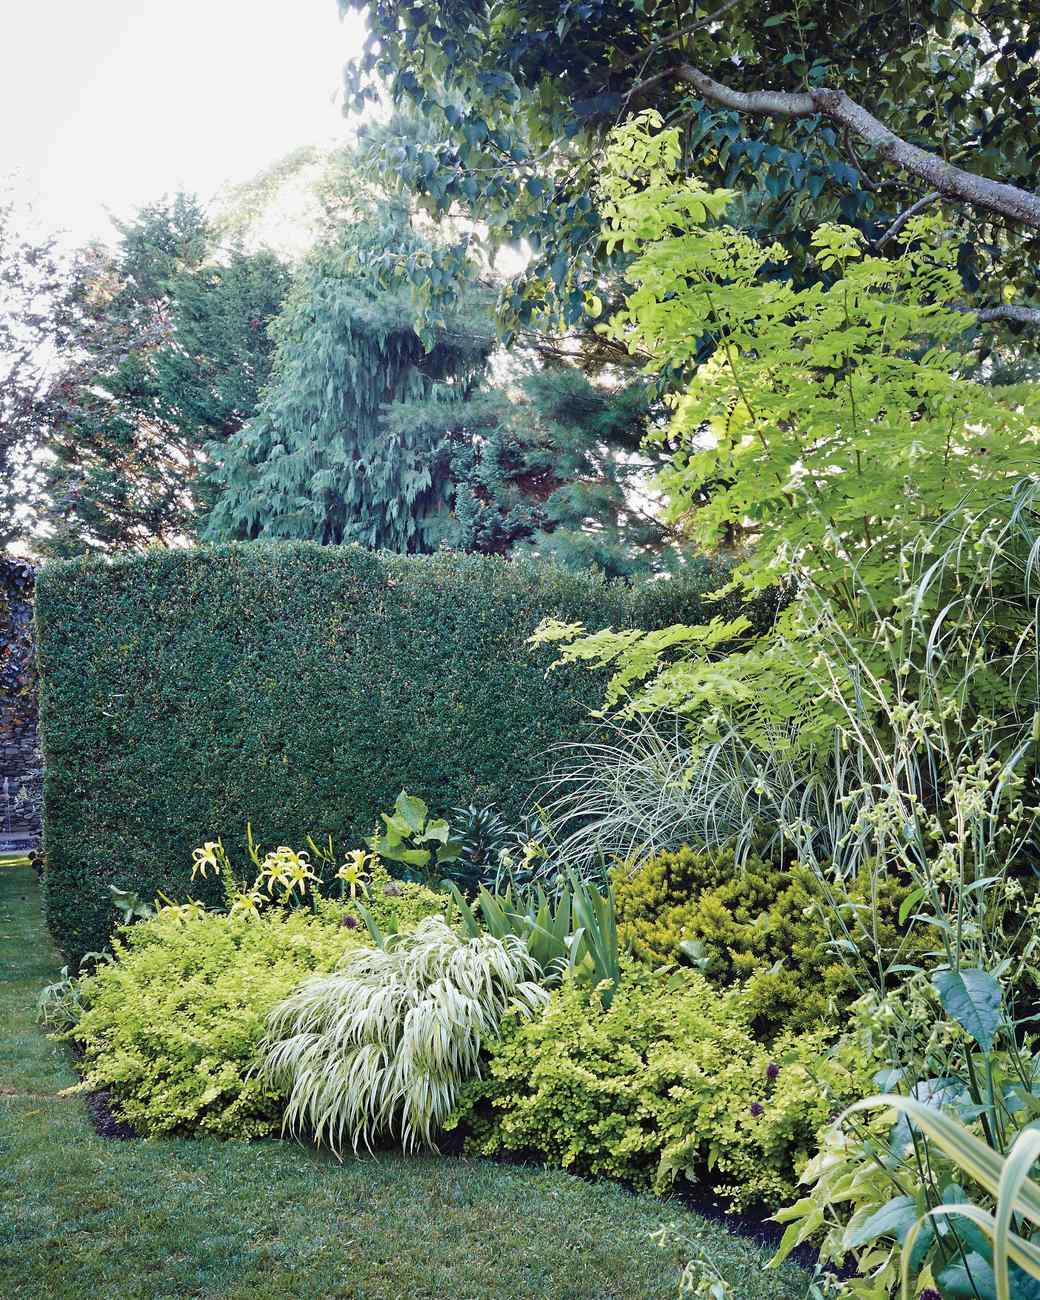 meadowburn-sakonnet-garden-rhode-island-0210-d112361-0216.jpg